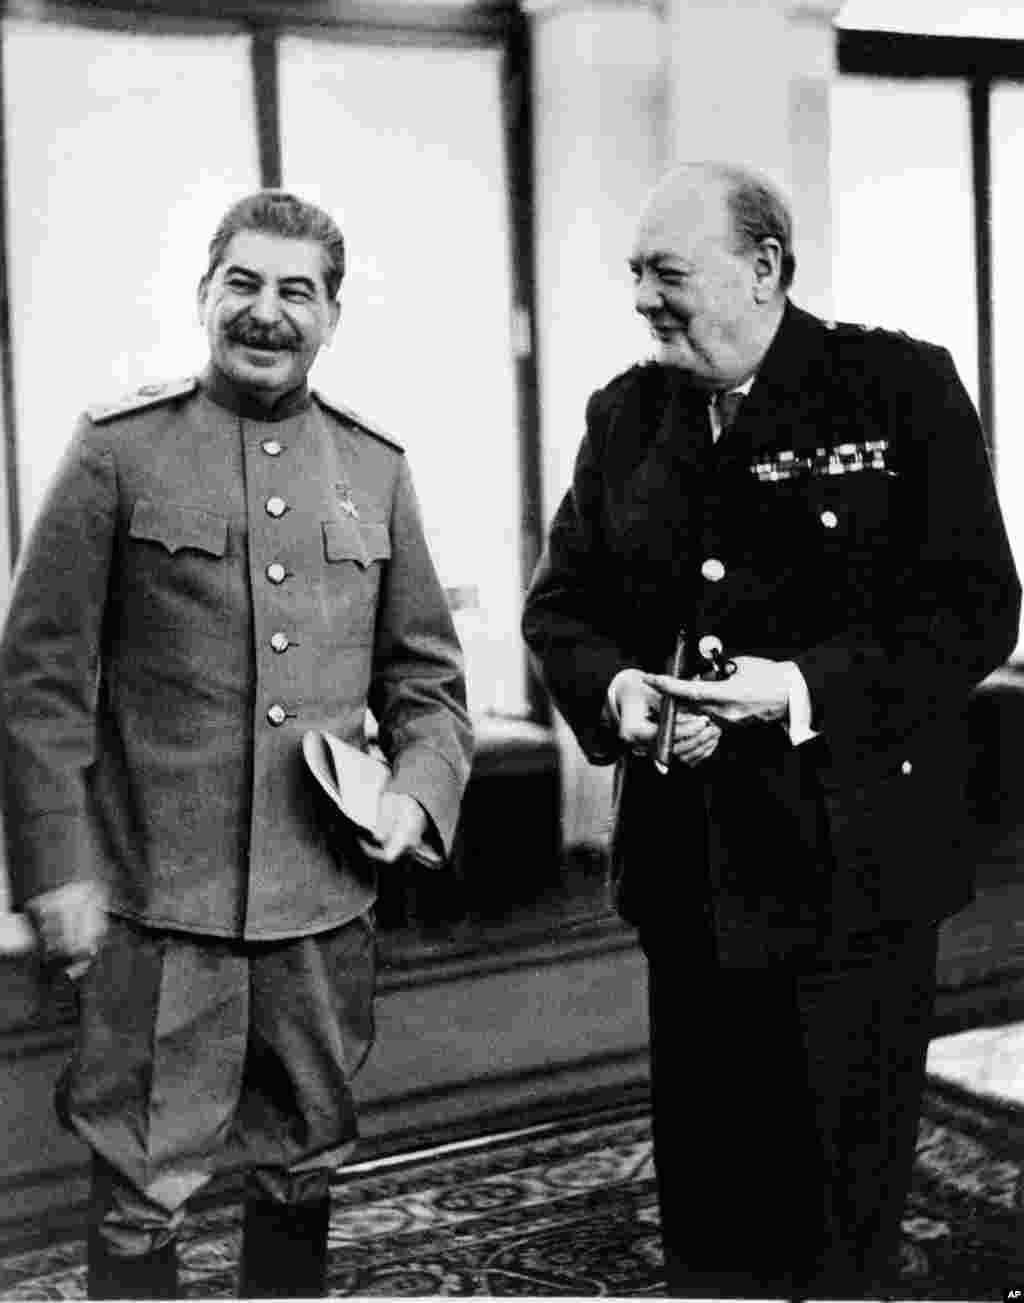 Споры о Ялтинской конференции и ее значении ведутся до сих пор: одни историки и политики считают ее торжеством политического реализма и доброй воли. Другие полагают, что западные лидеры в Ялте проявили недопустимую слабость и близорукость, уступив Сталину где только можно и «сдав» коммунистам Восточную Европу.В 2005 году, выступая во время визита в Латвию, тогдашний президент СШАДжордж Буш-младшийпоставил Ялтинские соглашения в один ряд с Мюнхенскими, назвав их «одной из величайших несправедливостей в истории».Есть и третье мнение – мол, значение Ялты вообще преувеличено